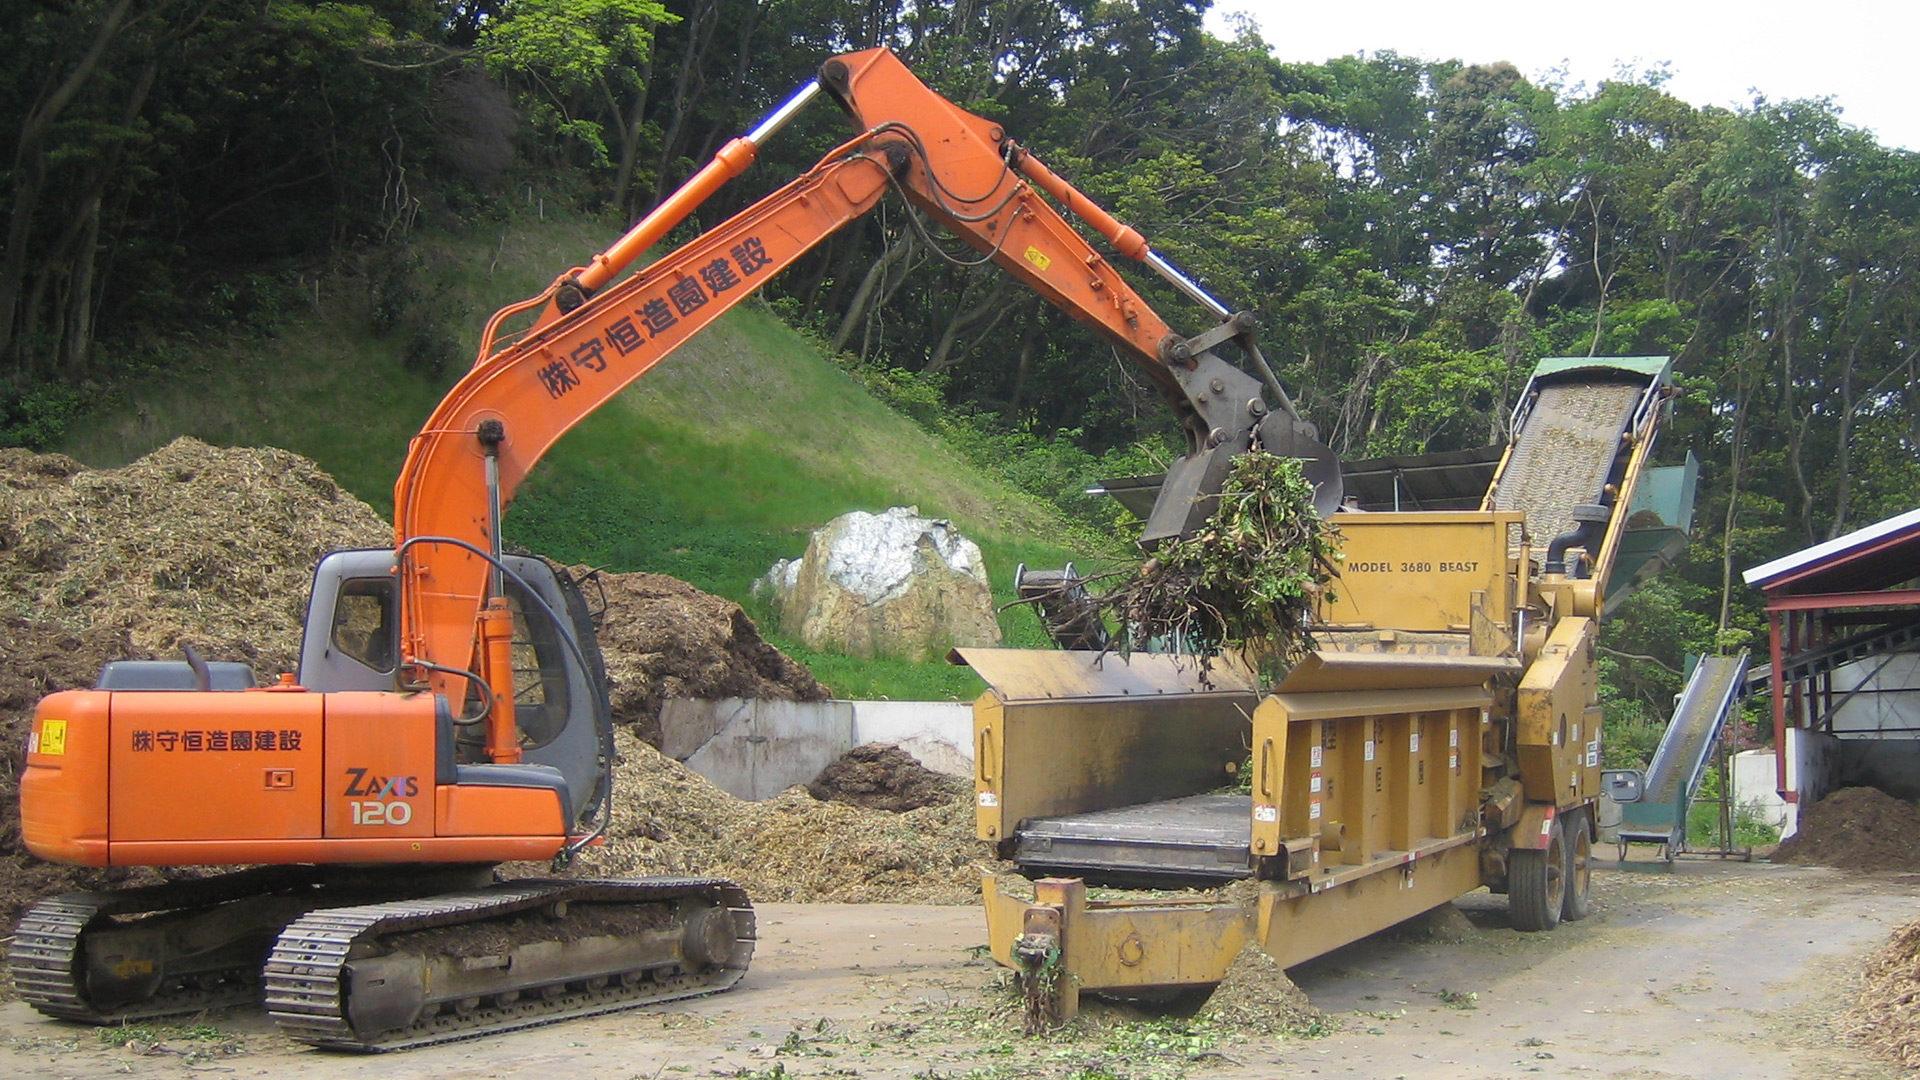 造成現場、道路工事などから発生する幹・枝葉・根株等を破砕(チップ化)し、敷き料、堆肥などへの再資源化をしています。